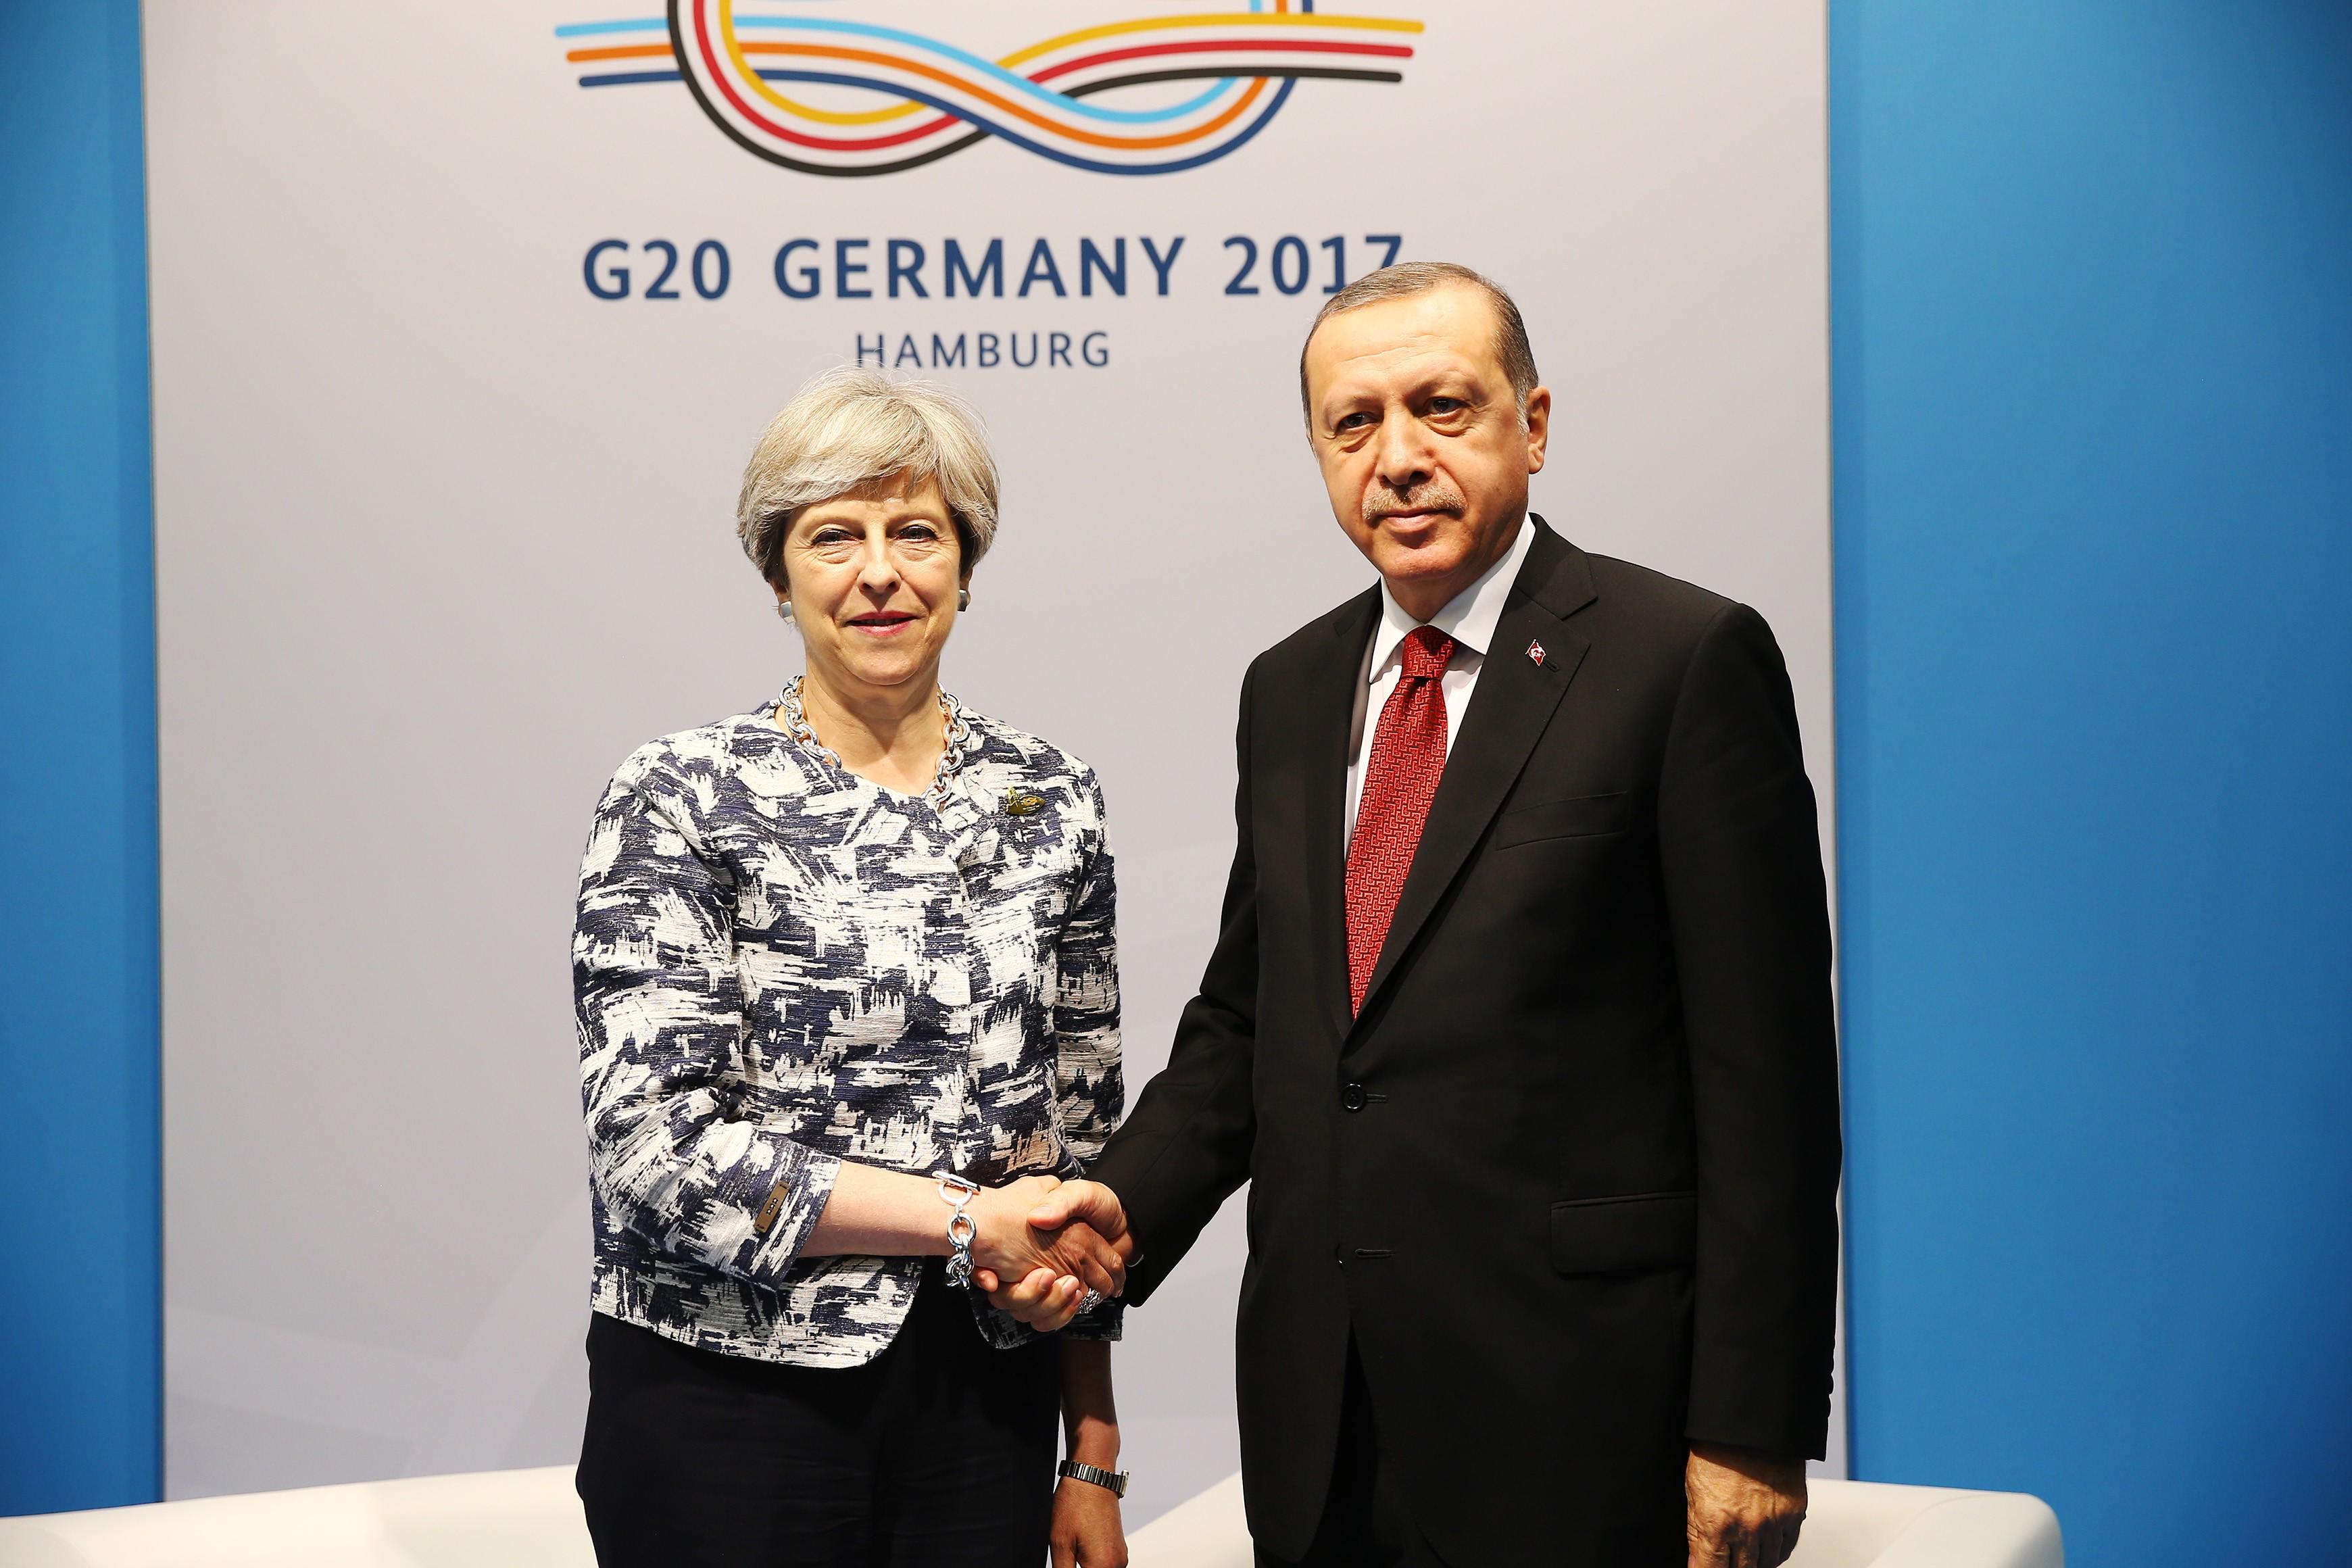 G20 Leaders' Summit